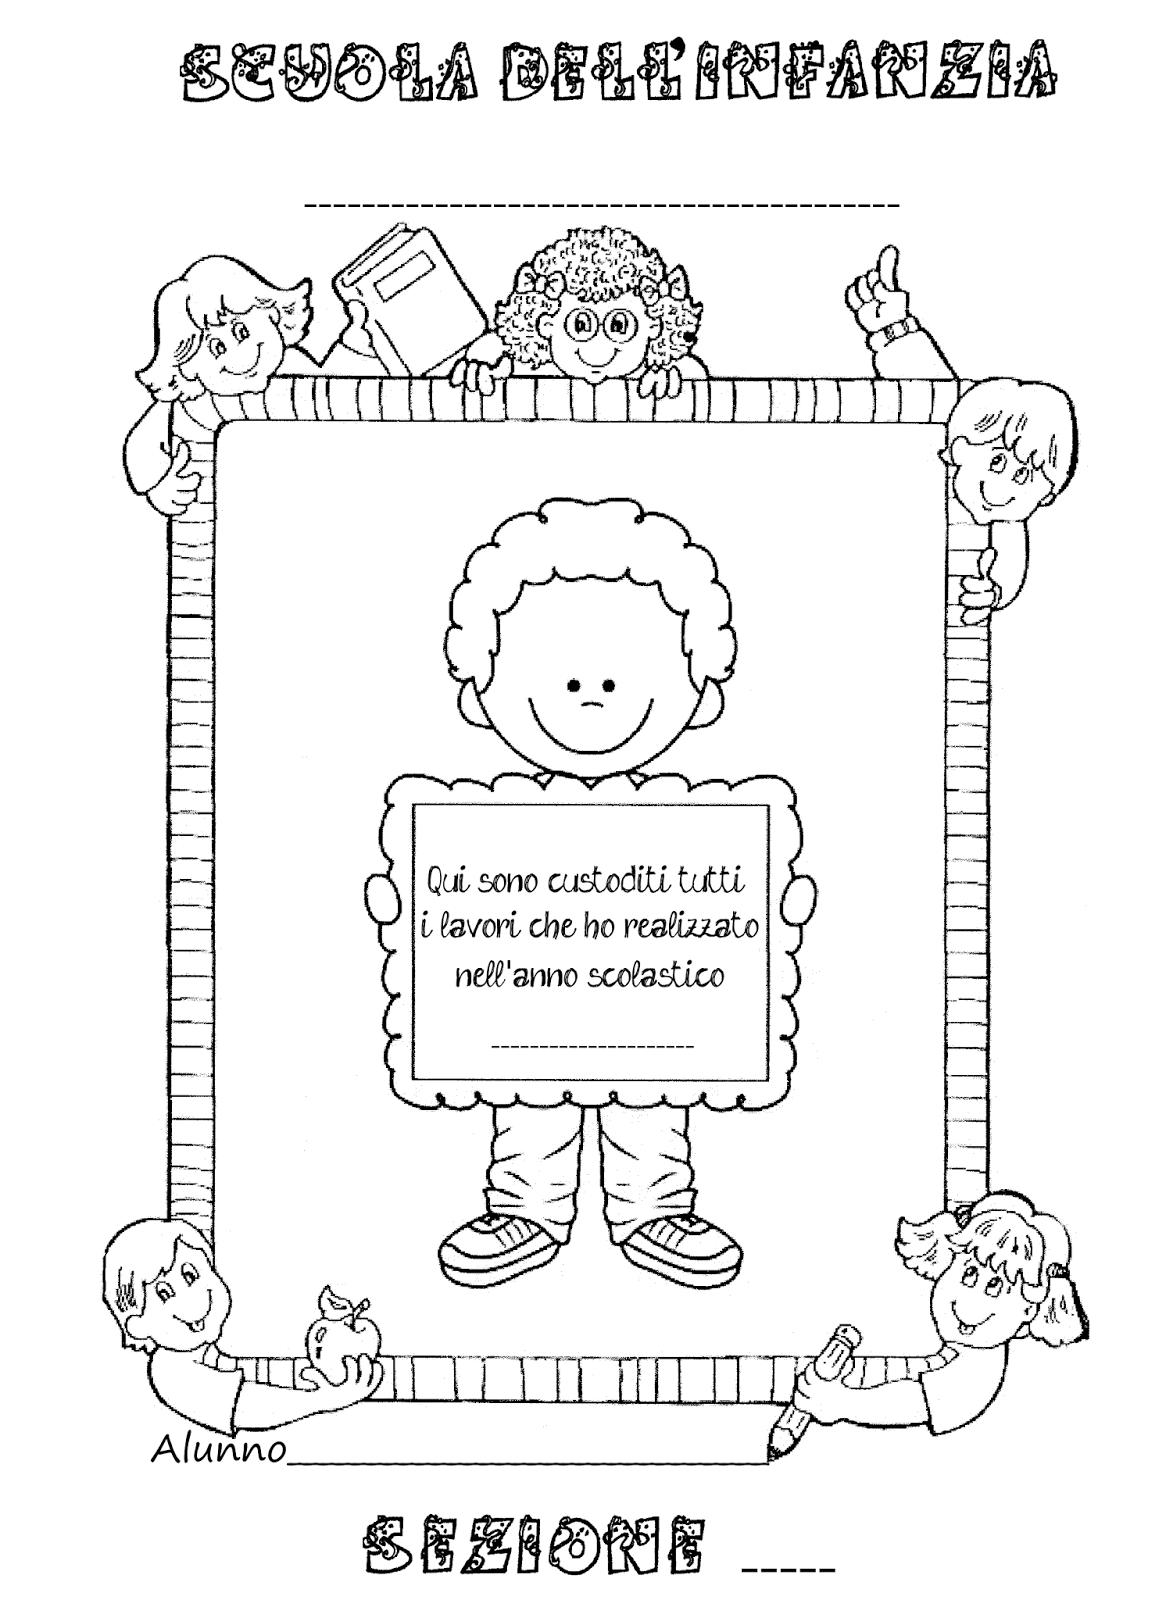 La maestra linda copertine per raccogliere i lavori dei for Maestra gemma accoglienza scuola infanzia